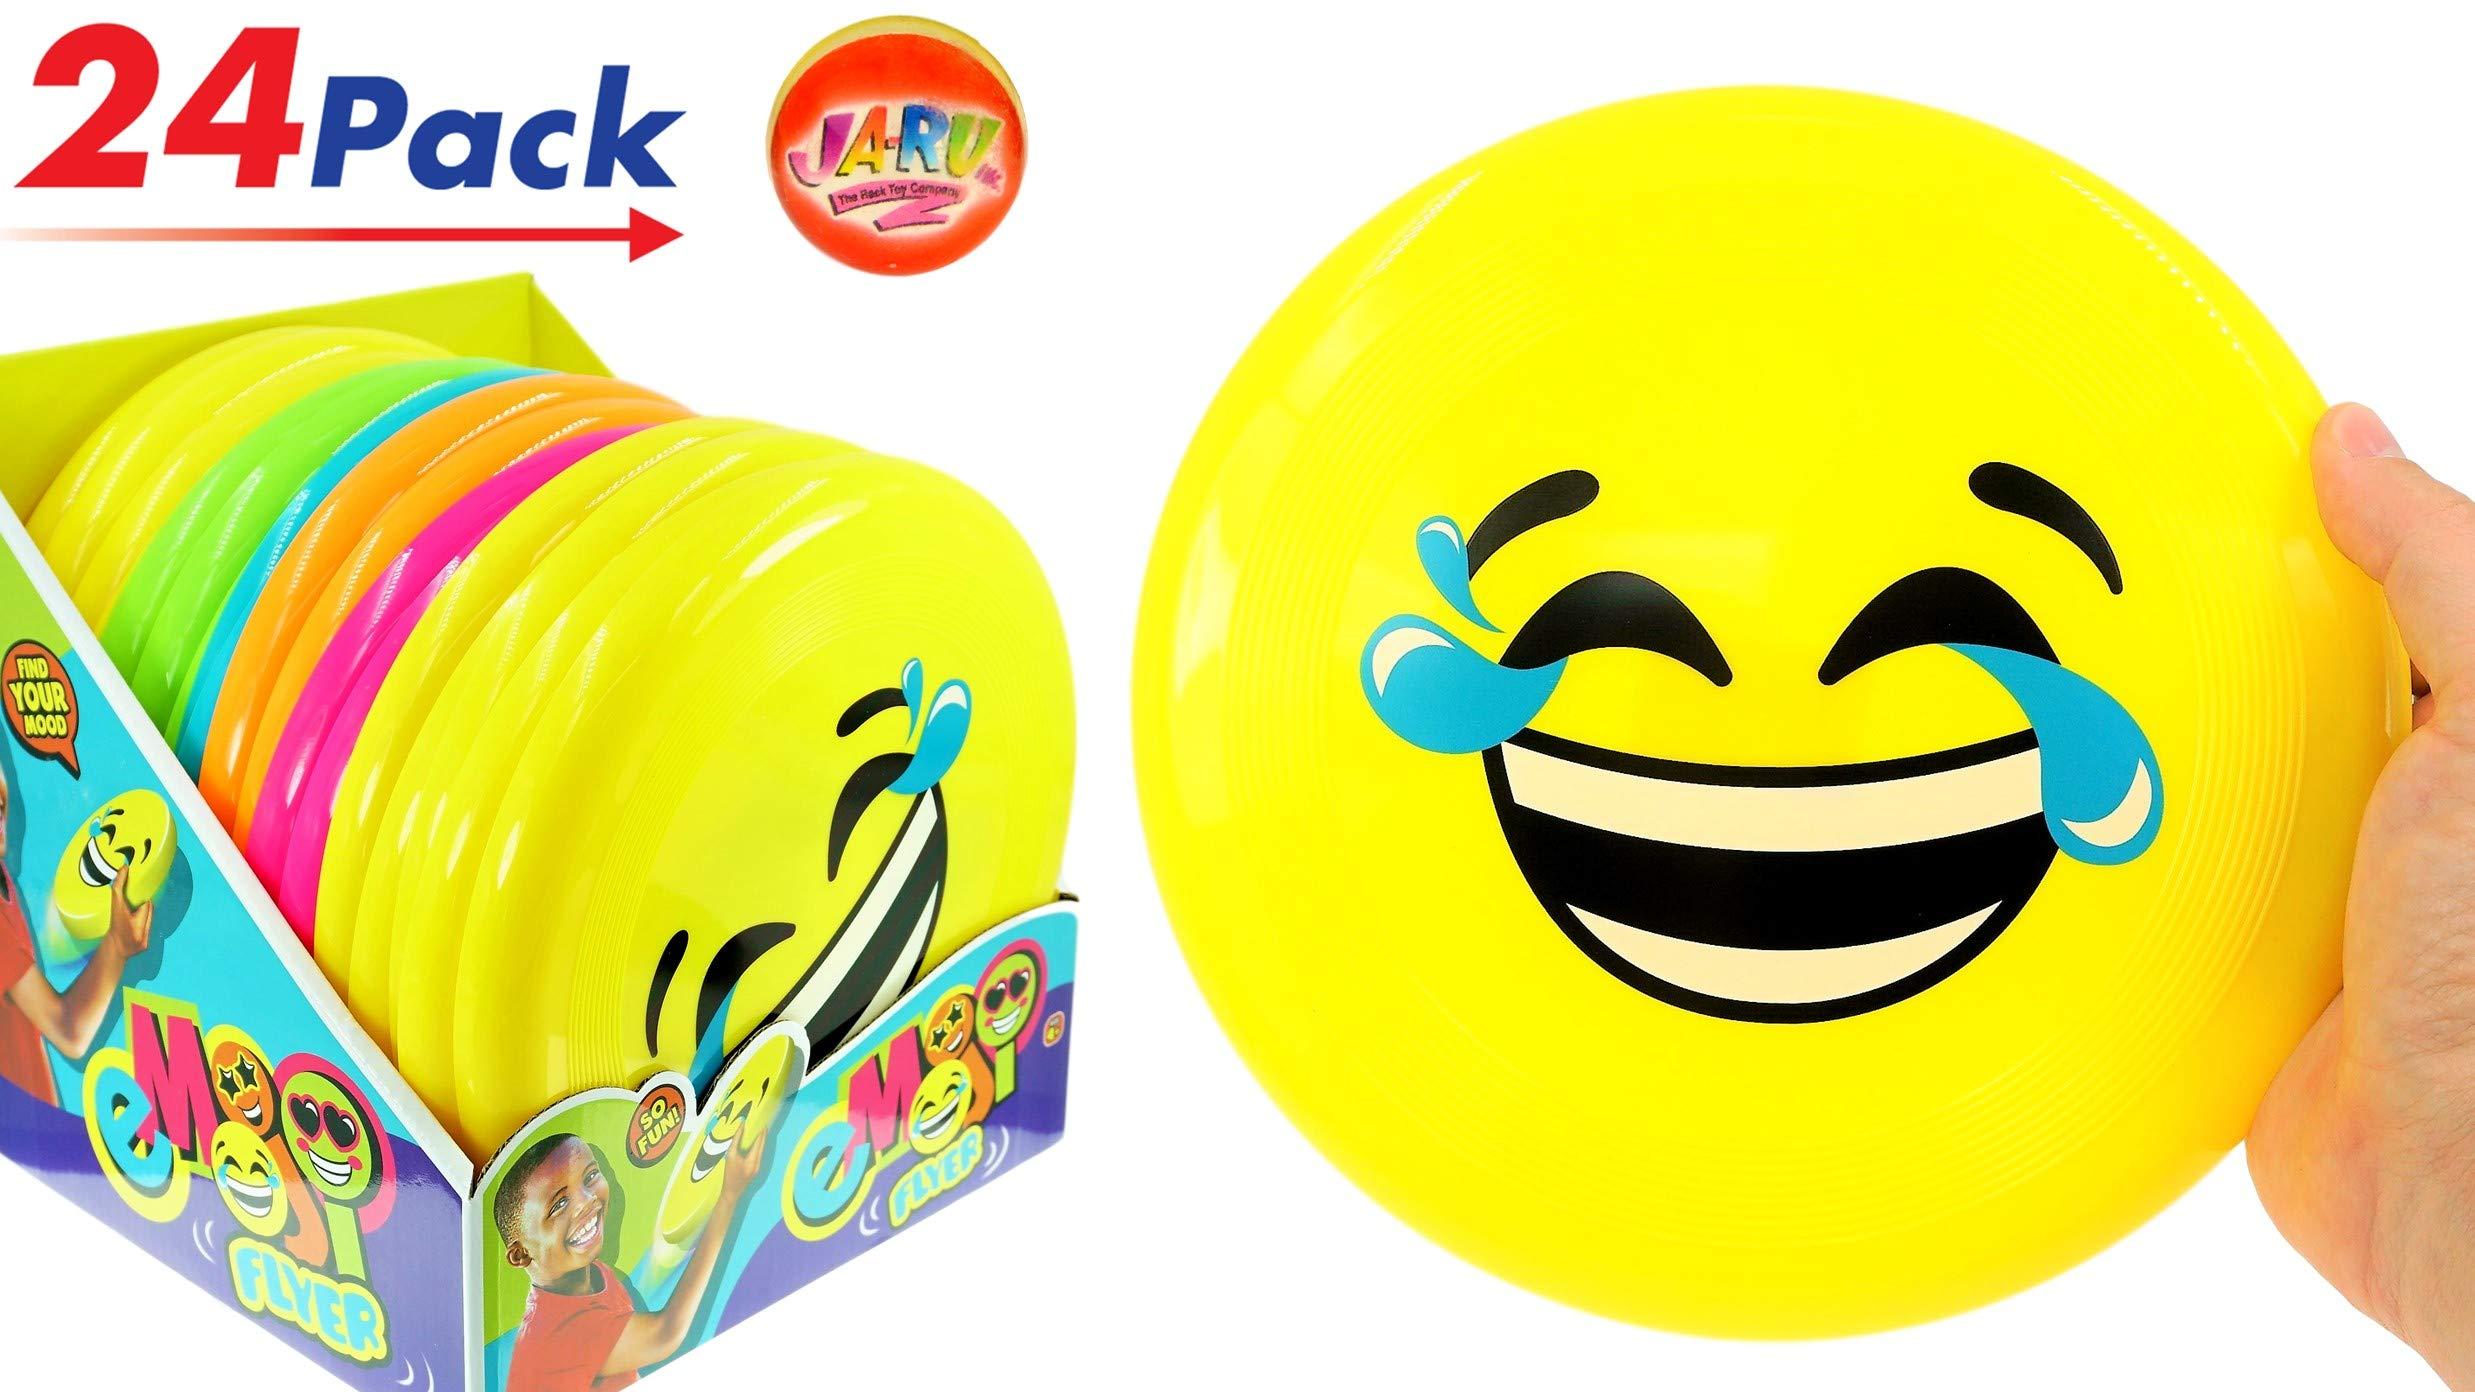 JA-RU Flying Disk Frisbee Emoji Faces (Pack of 24) Water-Proof Flying Disc Hours of Fun | Item #6568-24p